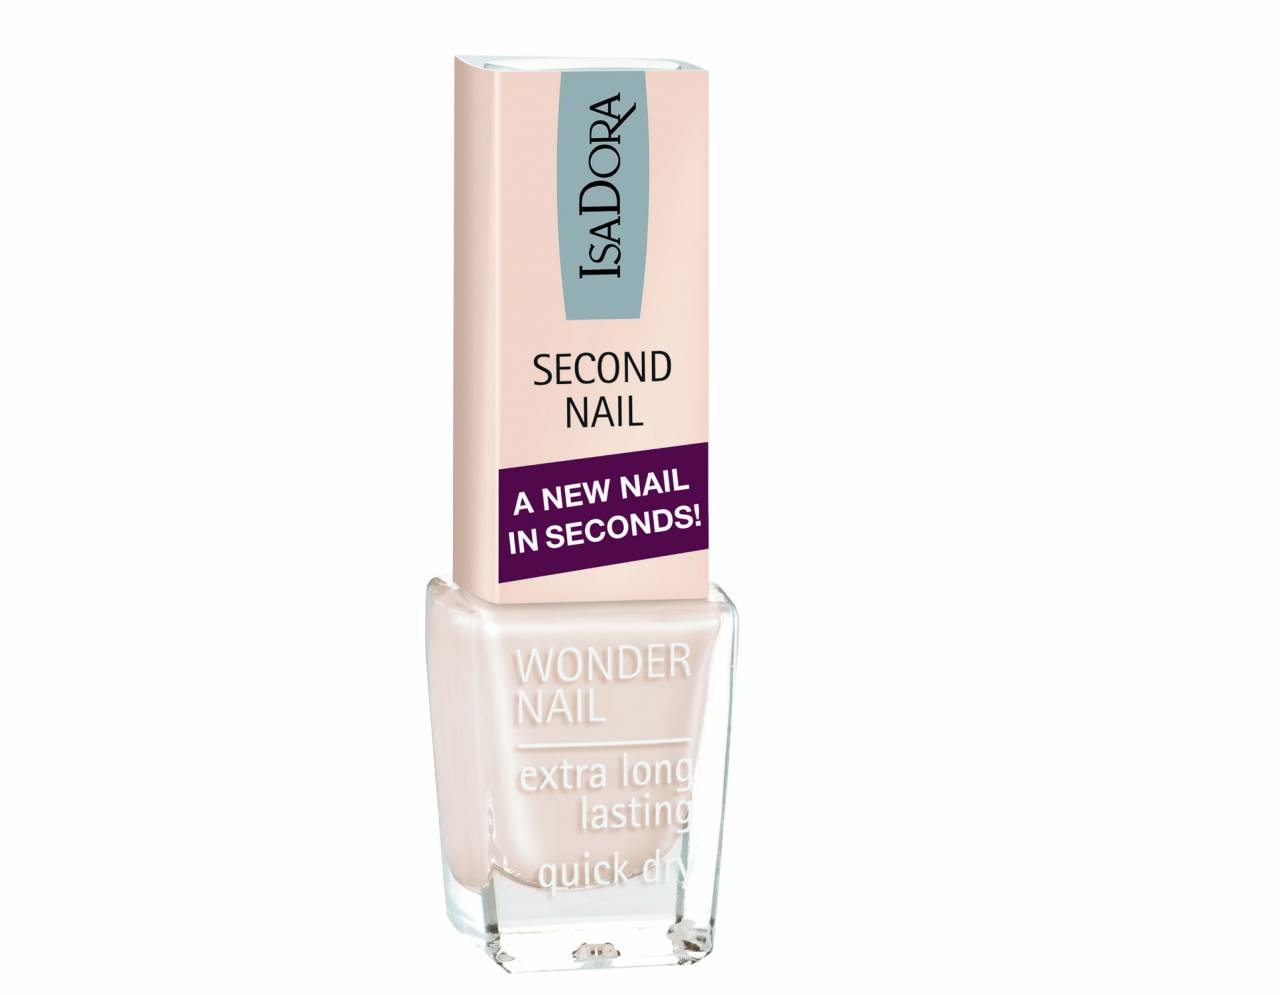 Second nail från Isadora